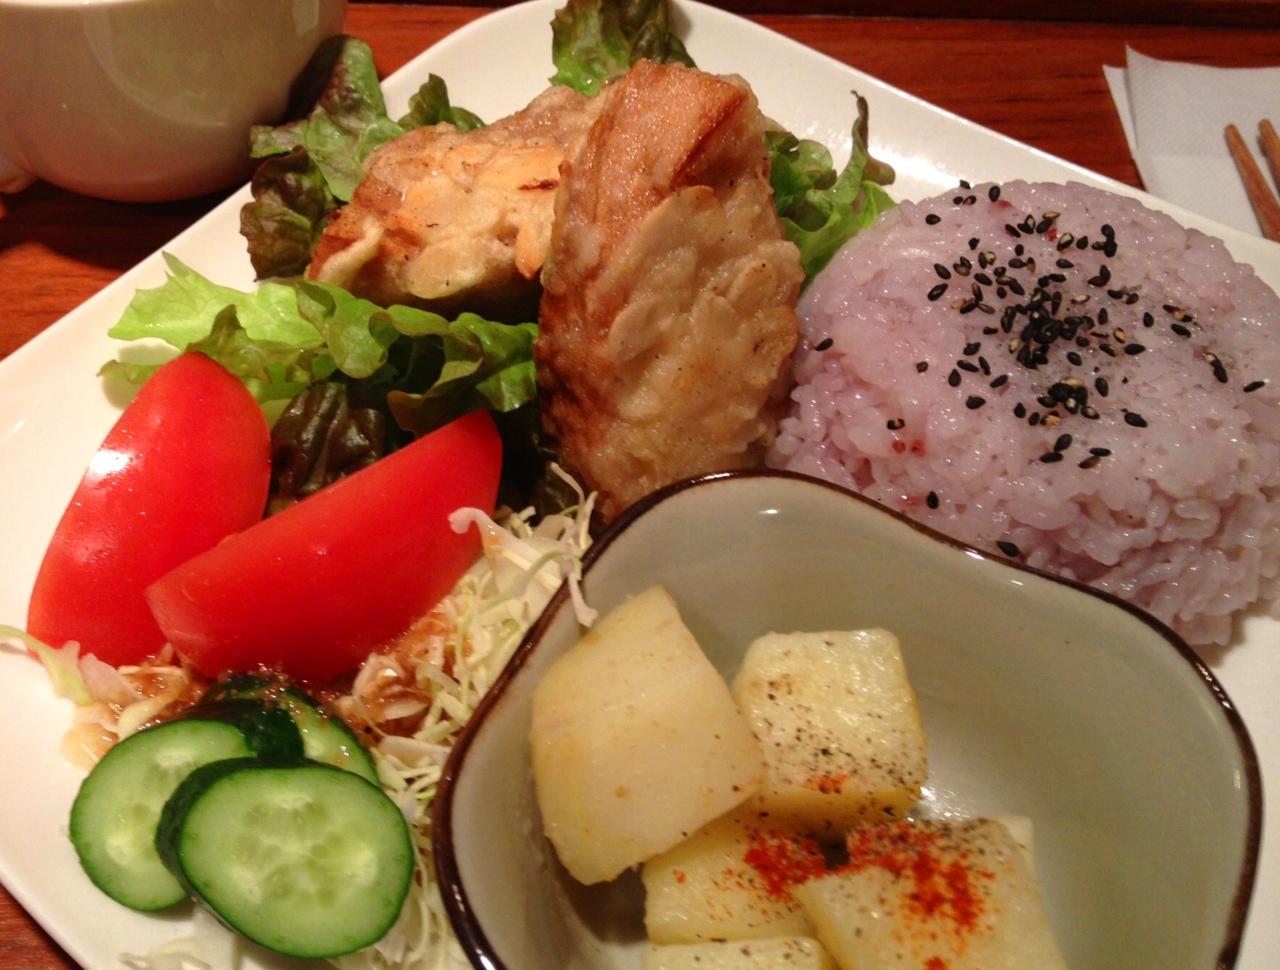 20130209-lunch.jpg